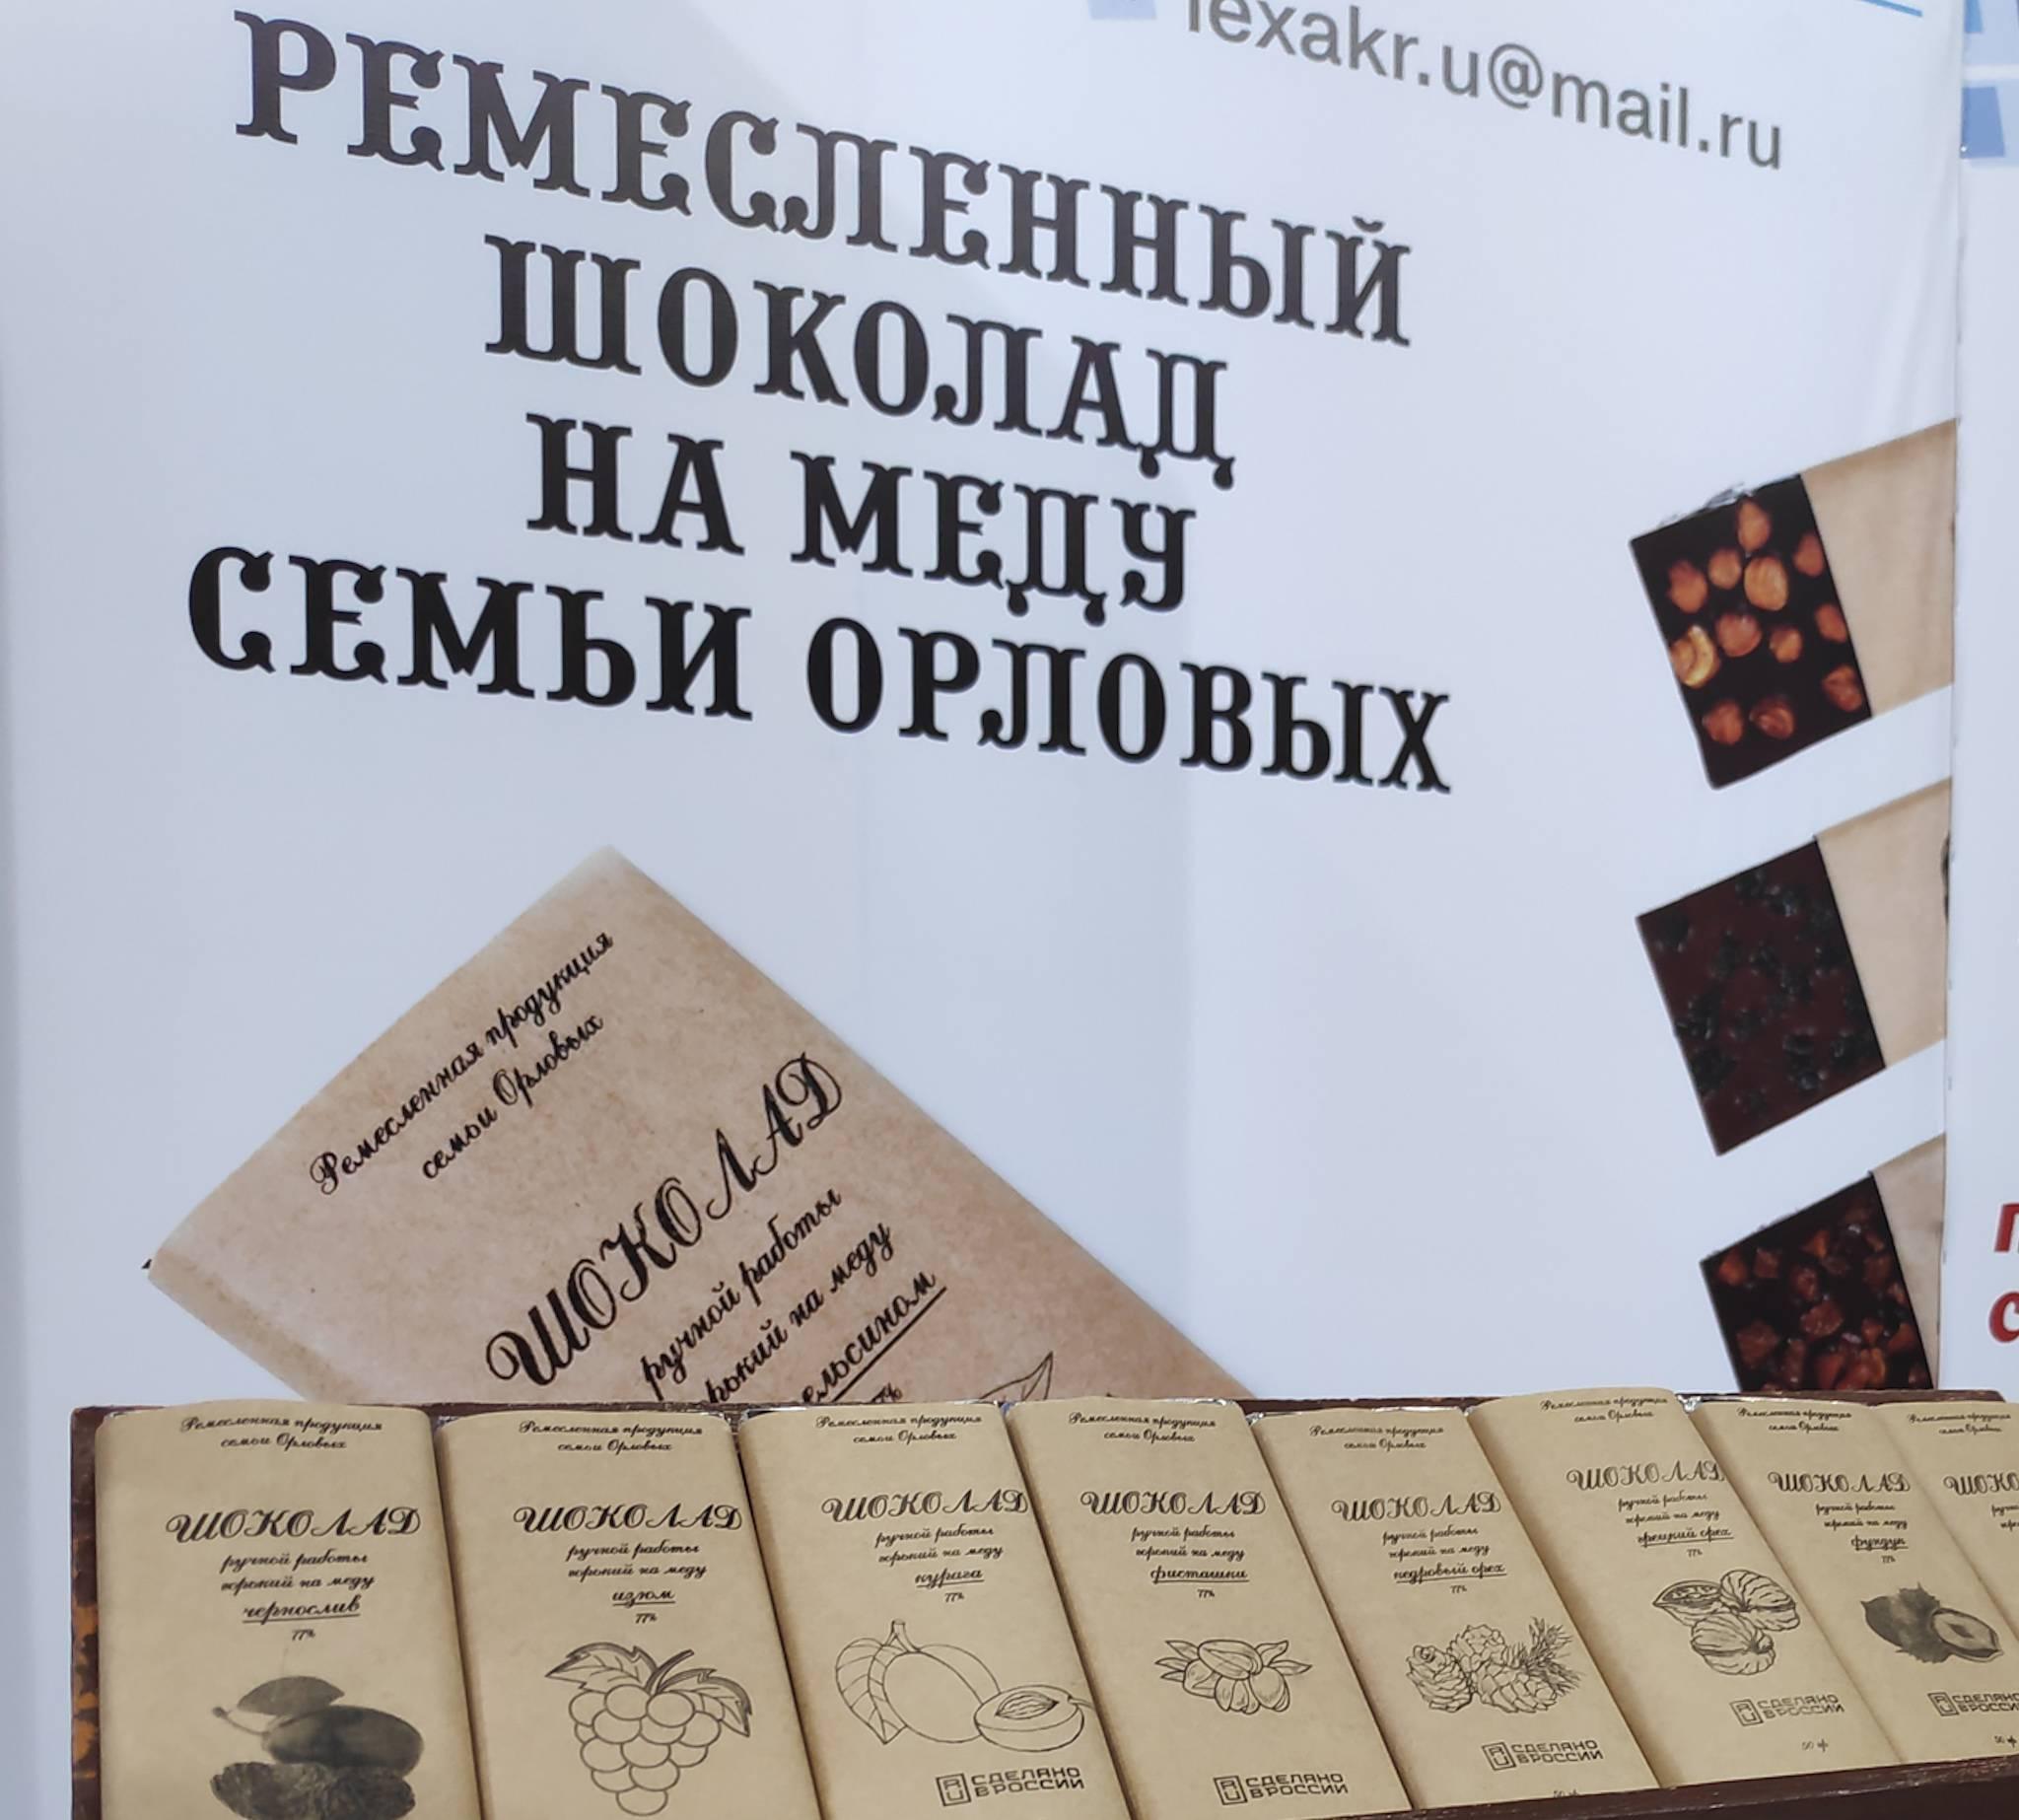 Фермеры региона производят не только традиционную продукцию, но и делают ремесленный  шоколад.